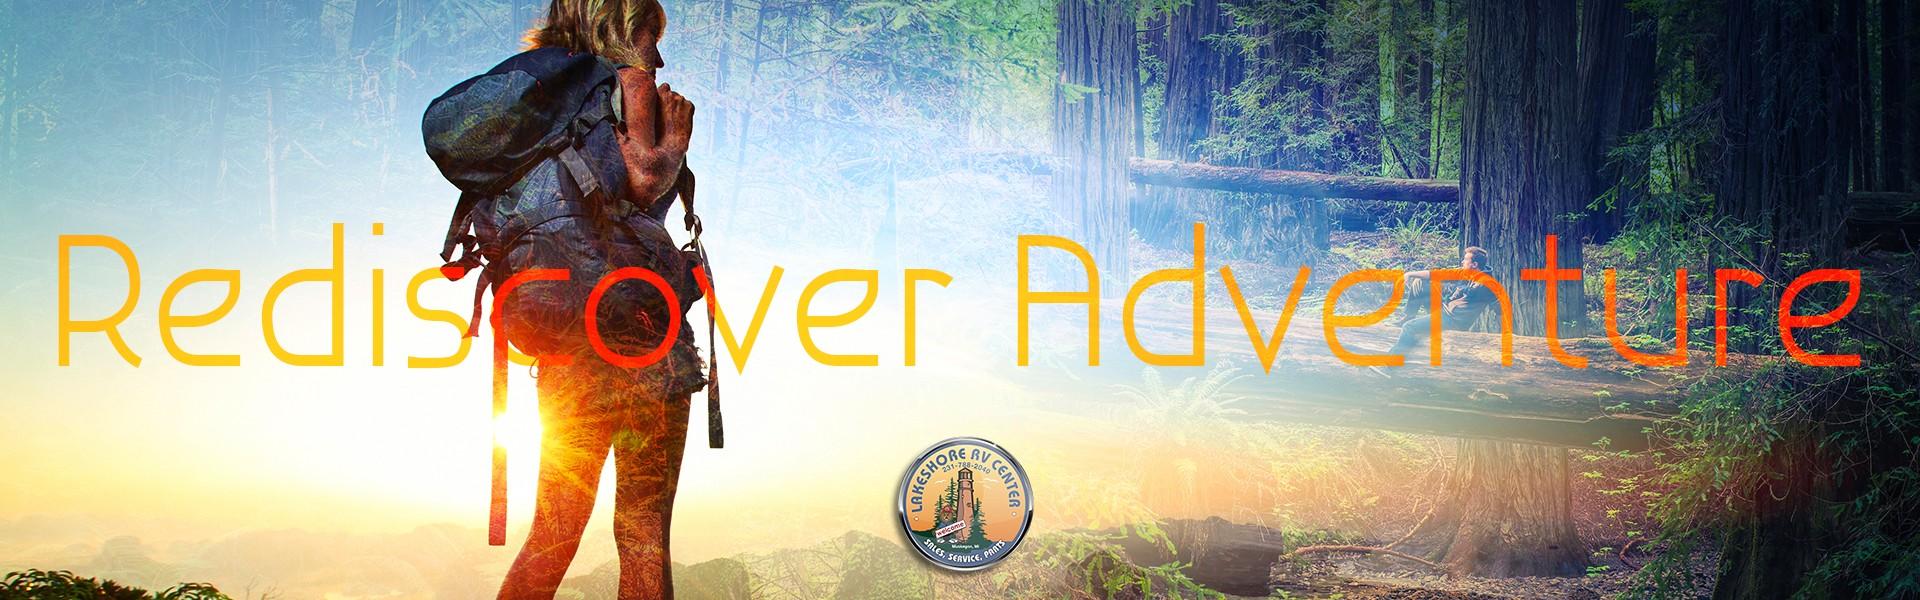 Rediscover Adventure through RVing